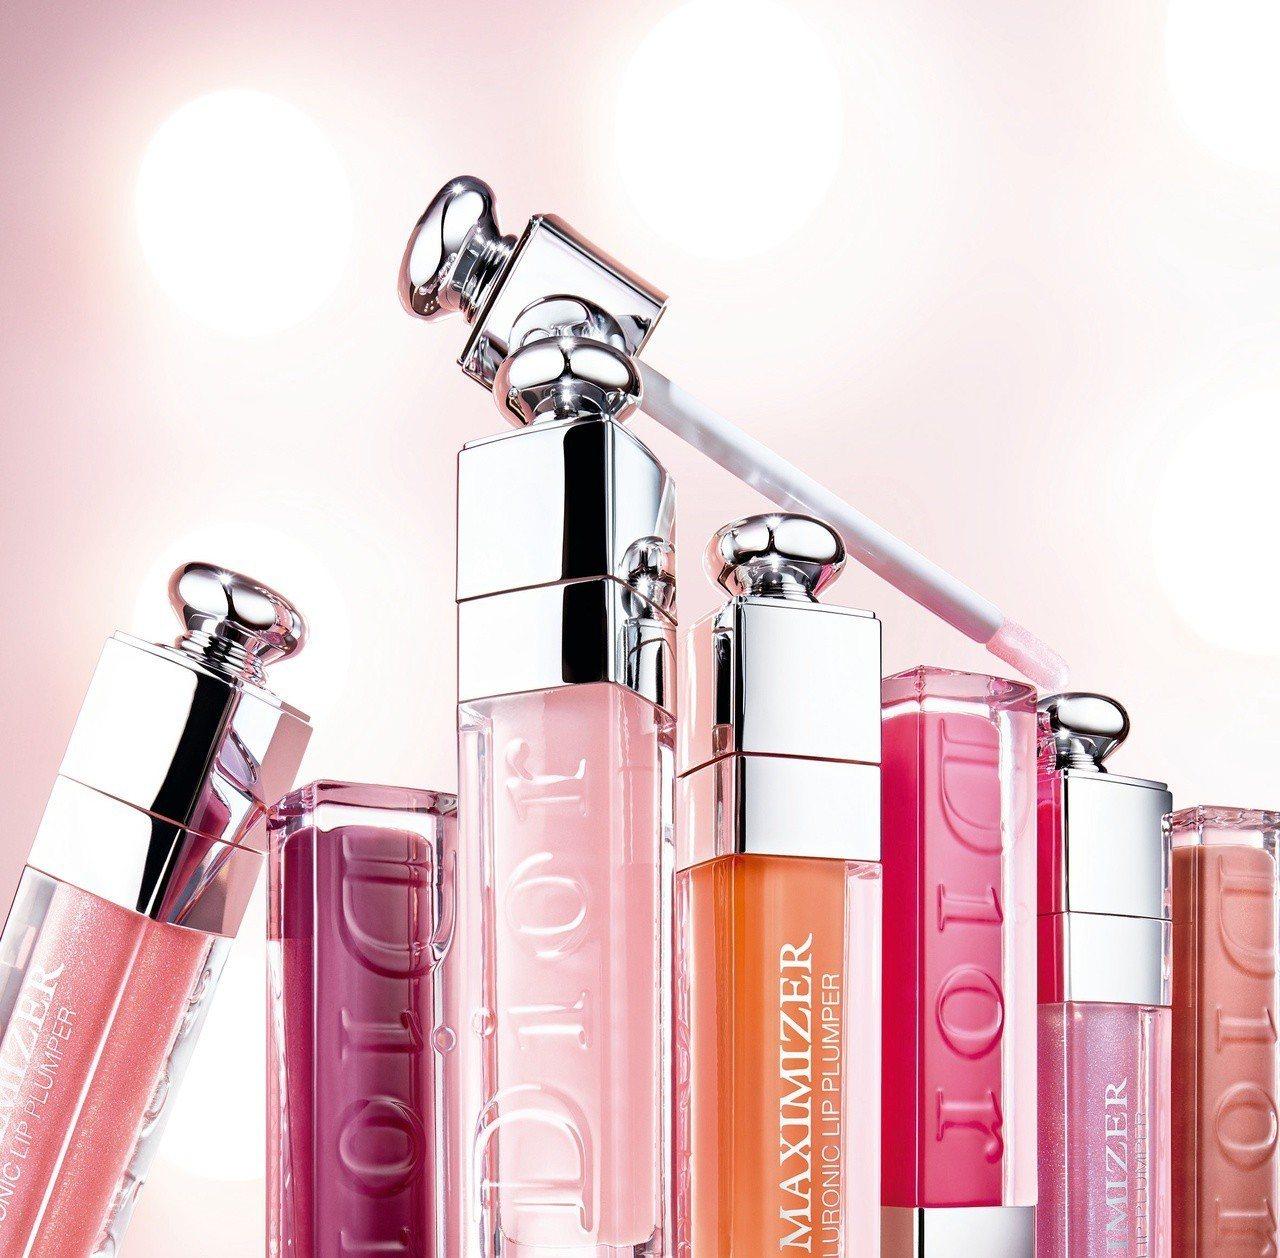 迪奧豐漾俏唇蜜全新推出7款色選,有粉潤釉光、銀河閃耀兩種妝效。圖/Dior提供